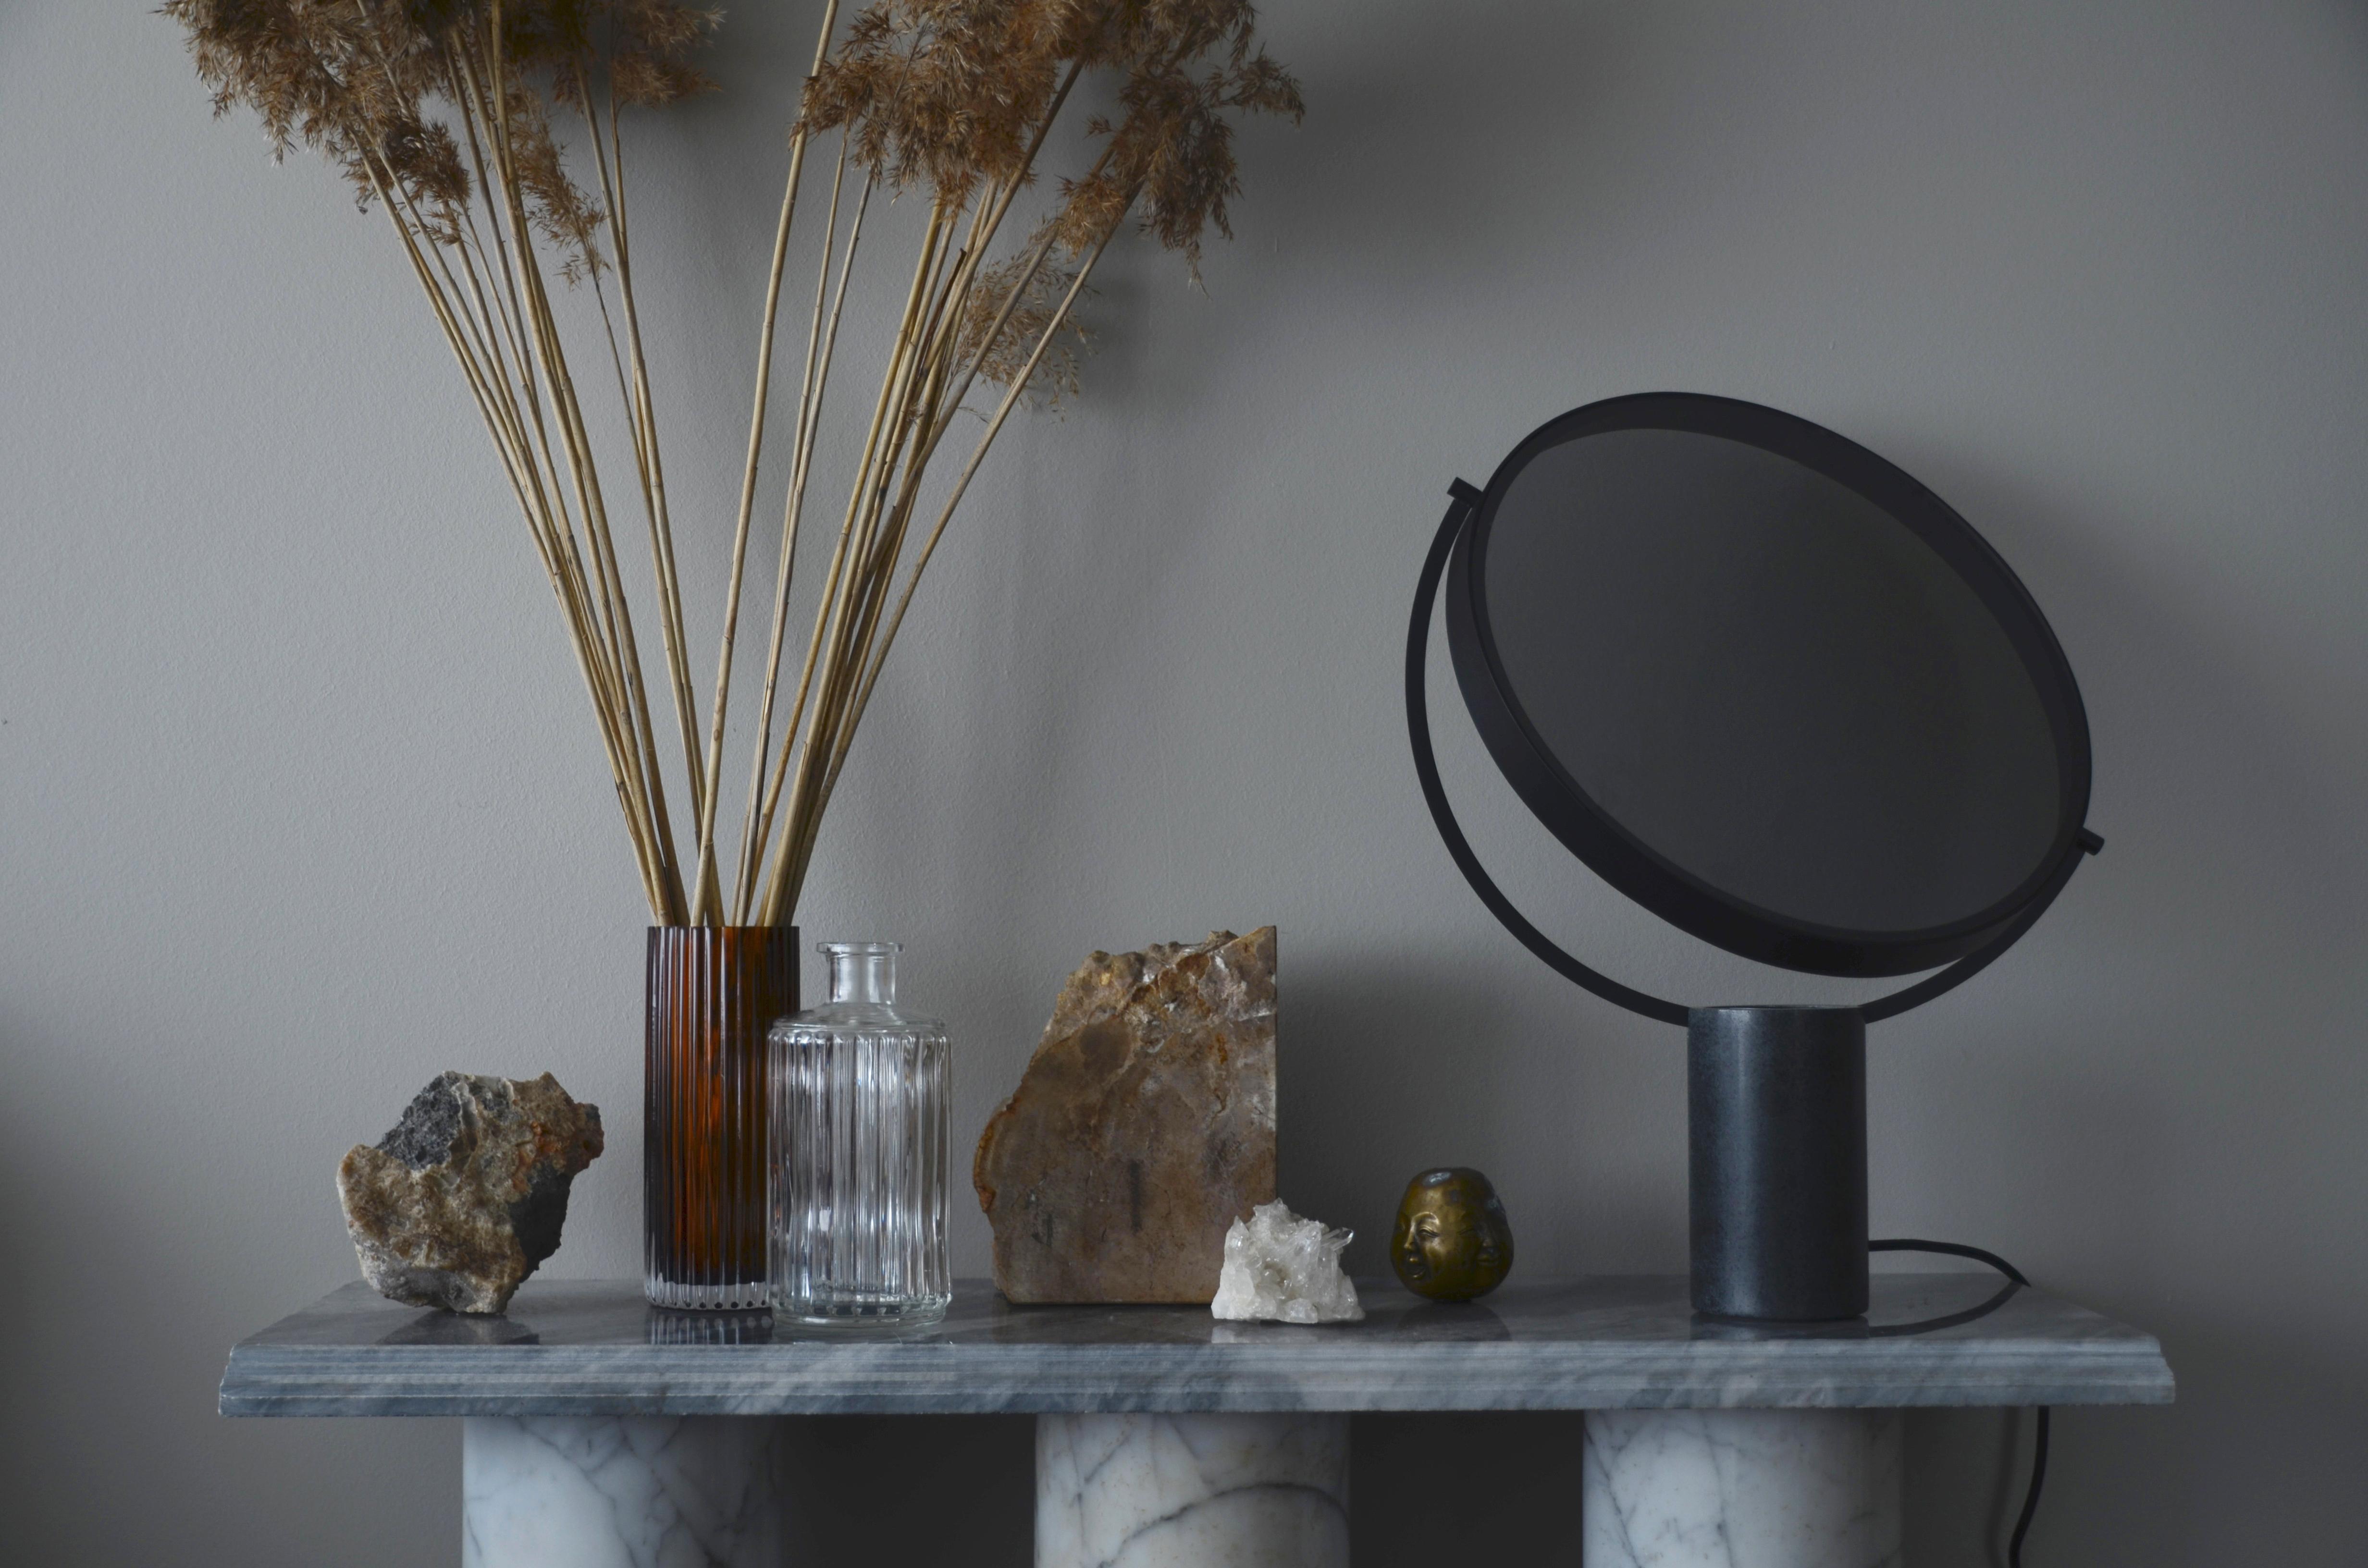 A modern danish design table lamp.